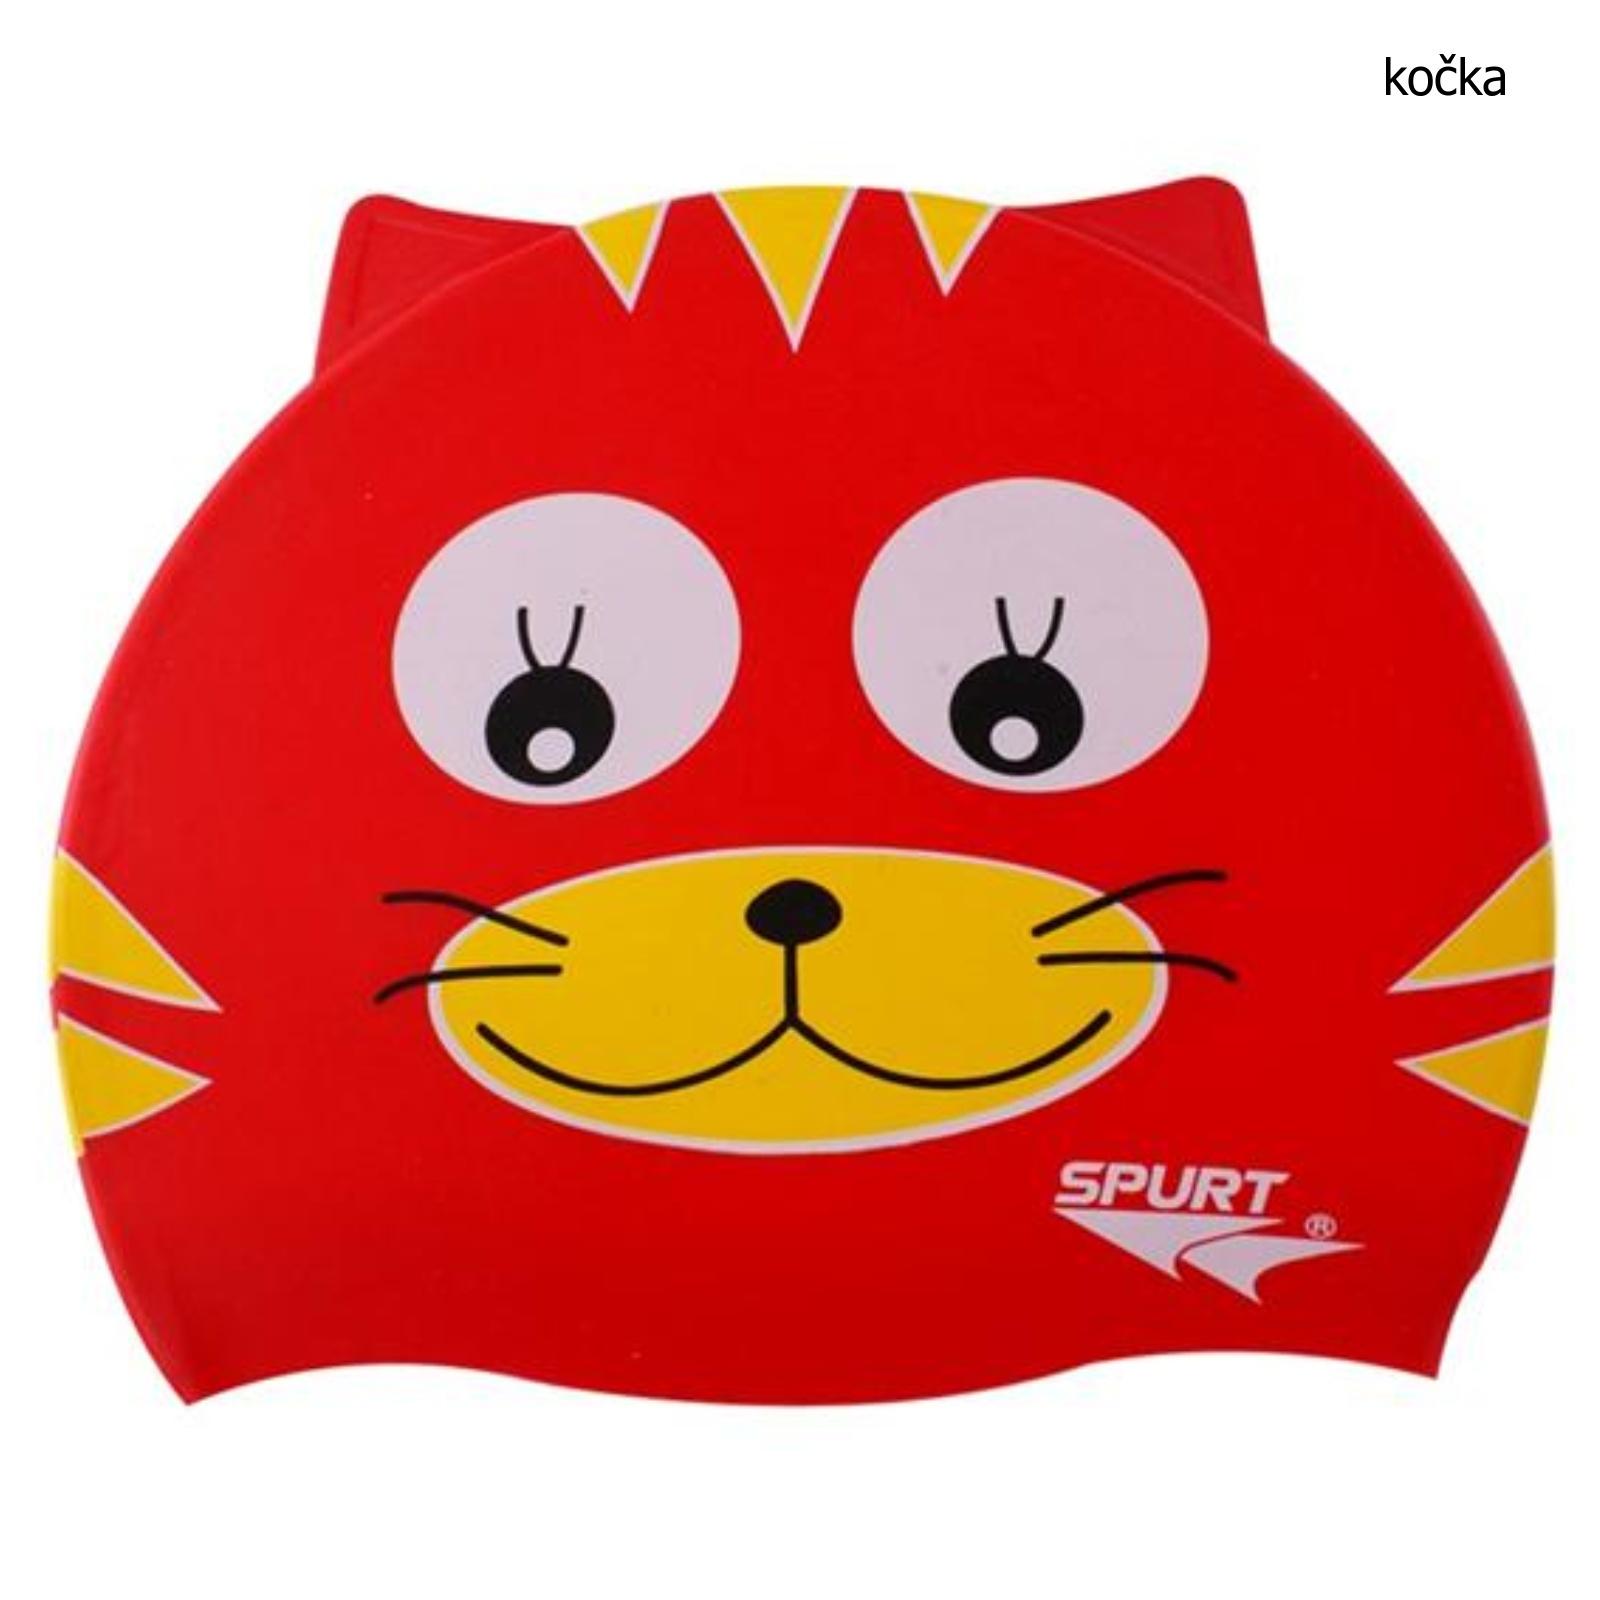 Koupací čepice dětská - kočka